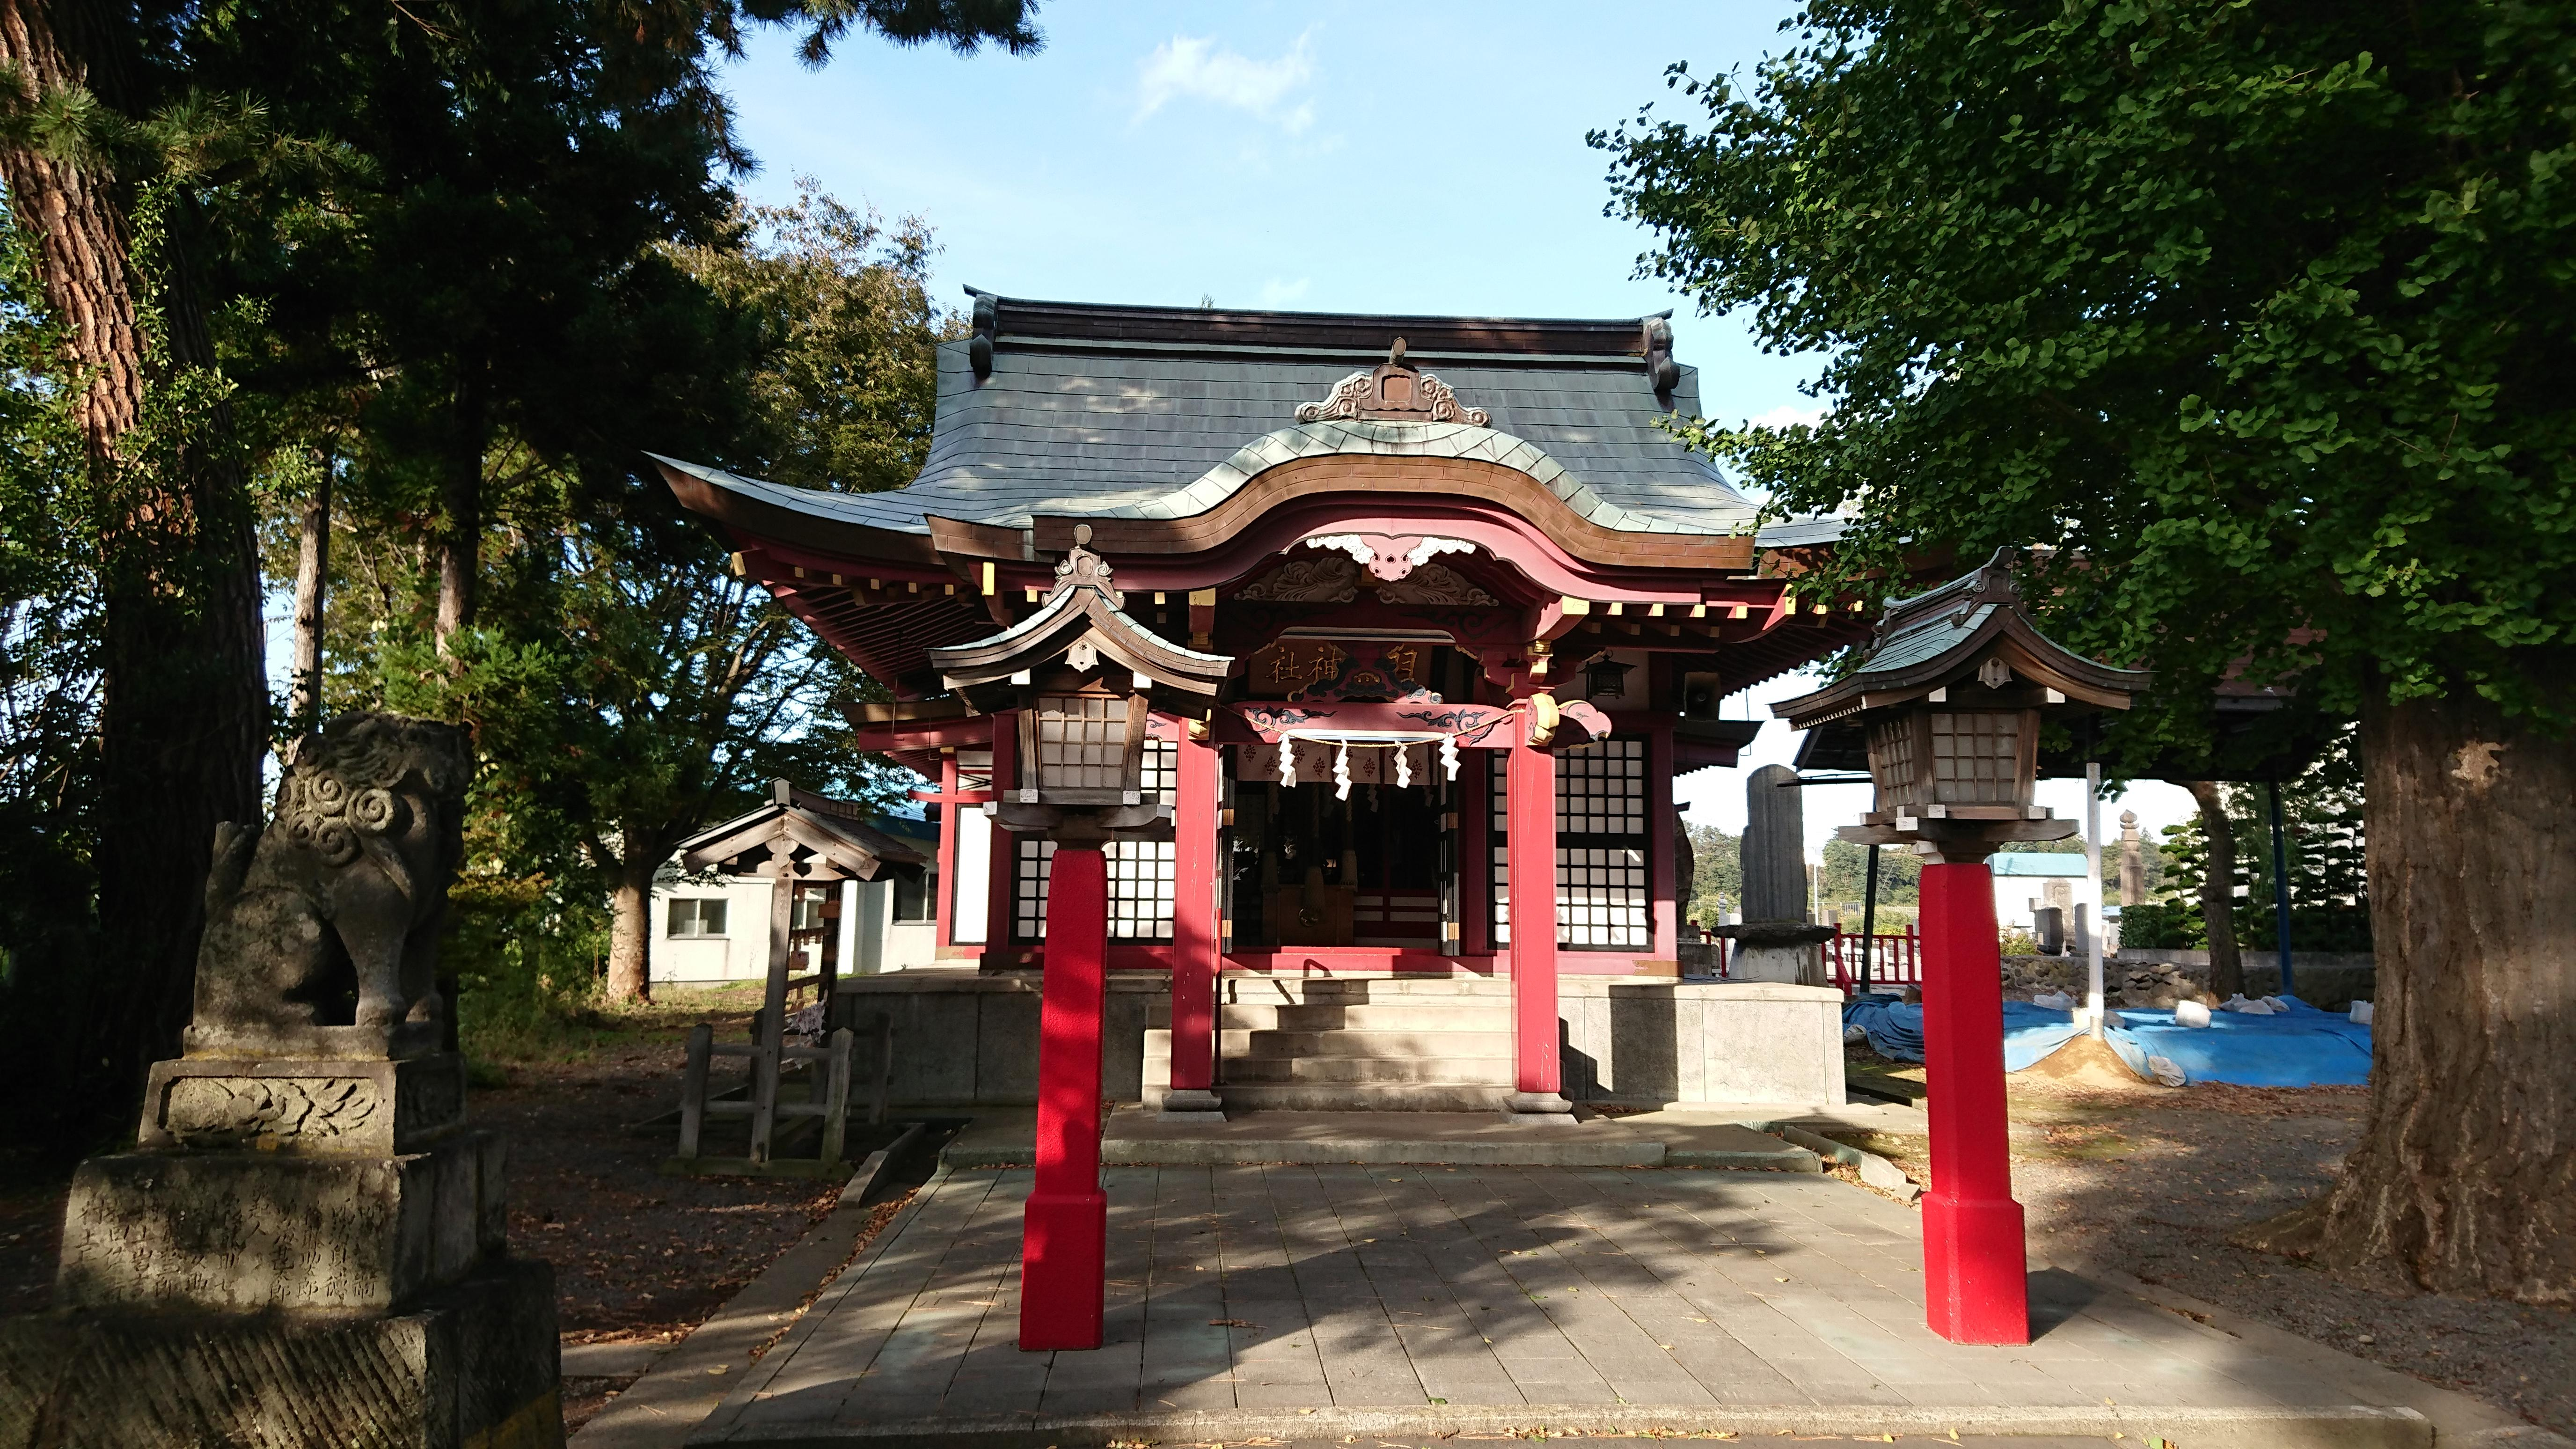 羽黒神社の本殿